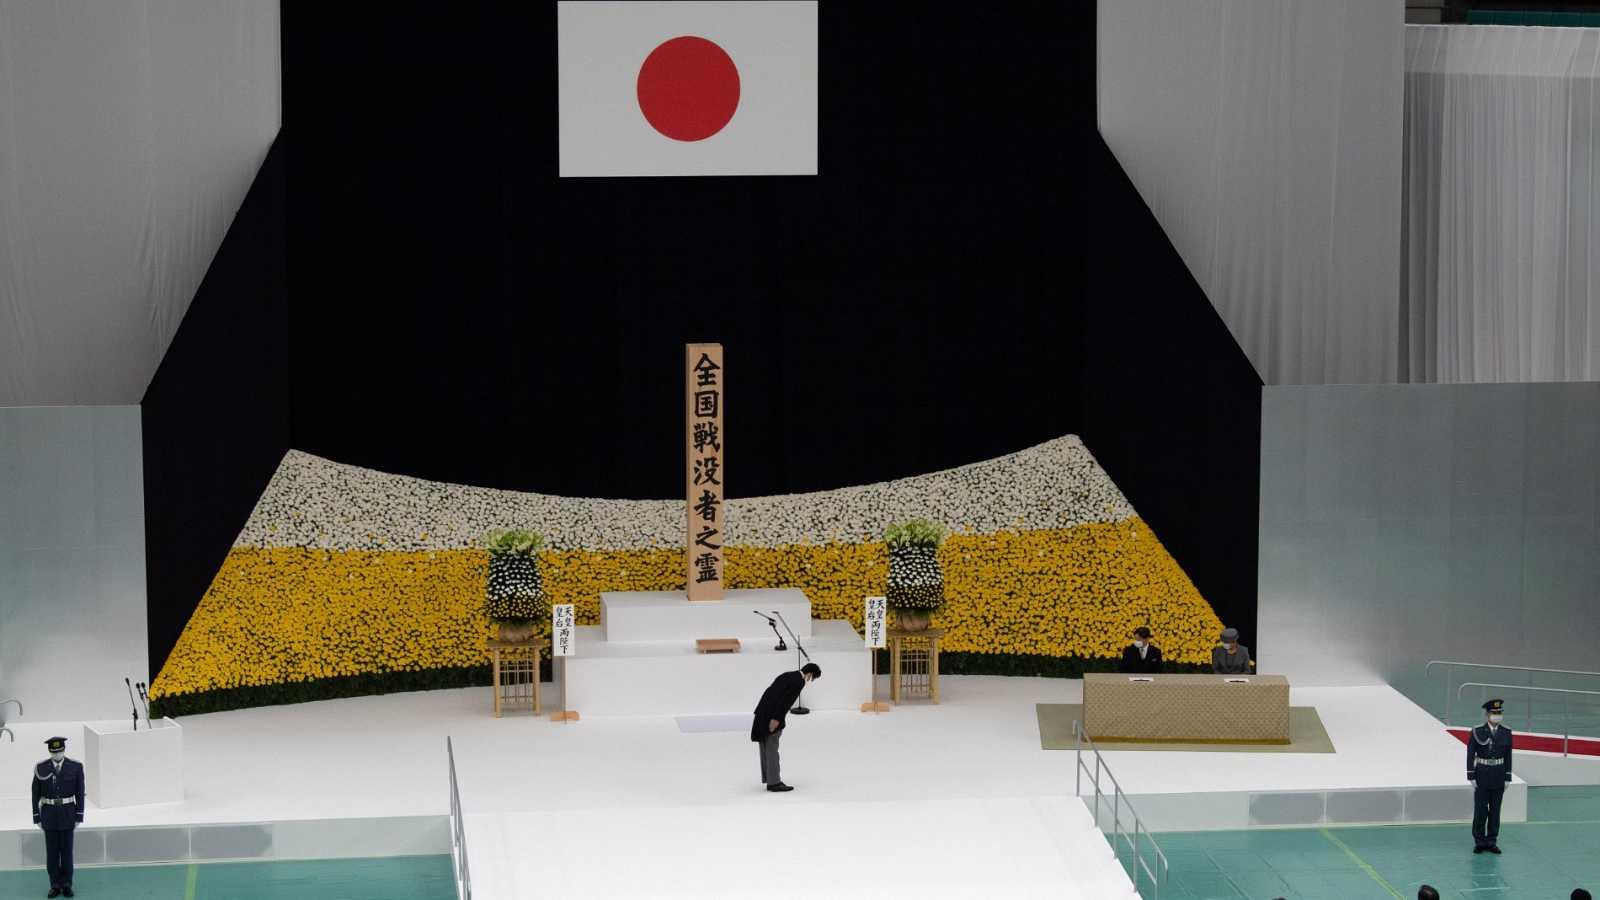 El emperador Naruhito preside el homenaje a las víctimas de la II Guerra Mundial cuando se cumplen 75 años de la rendición de Japón